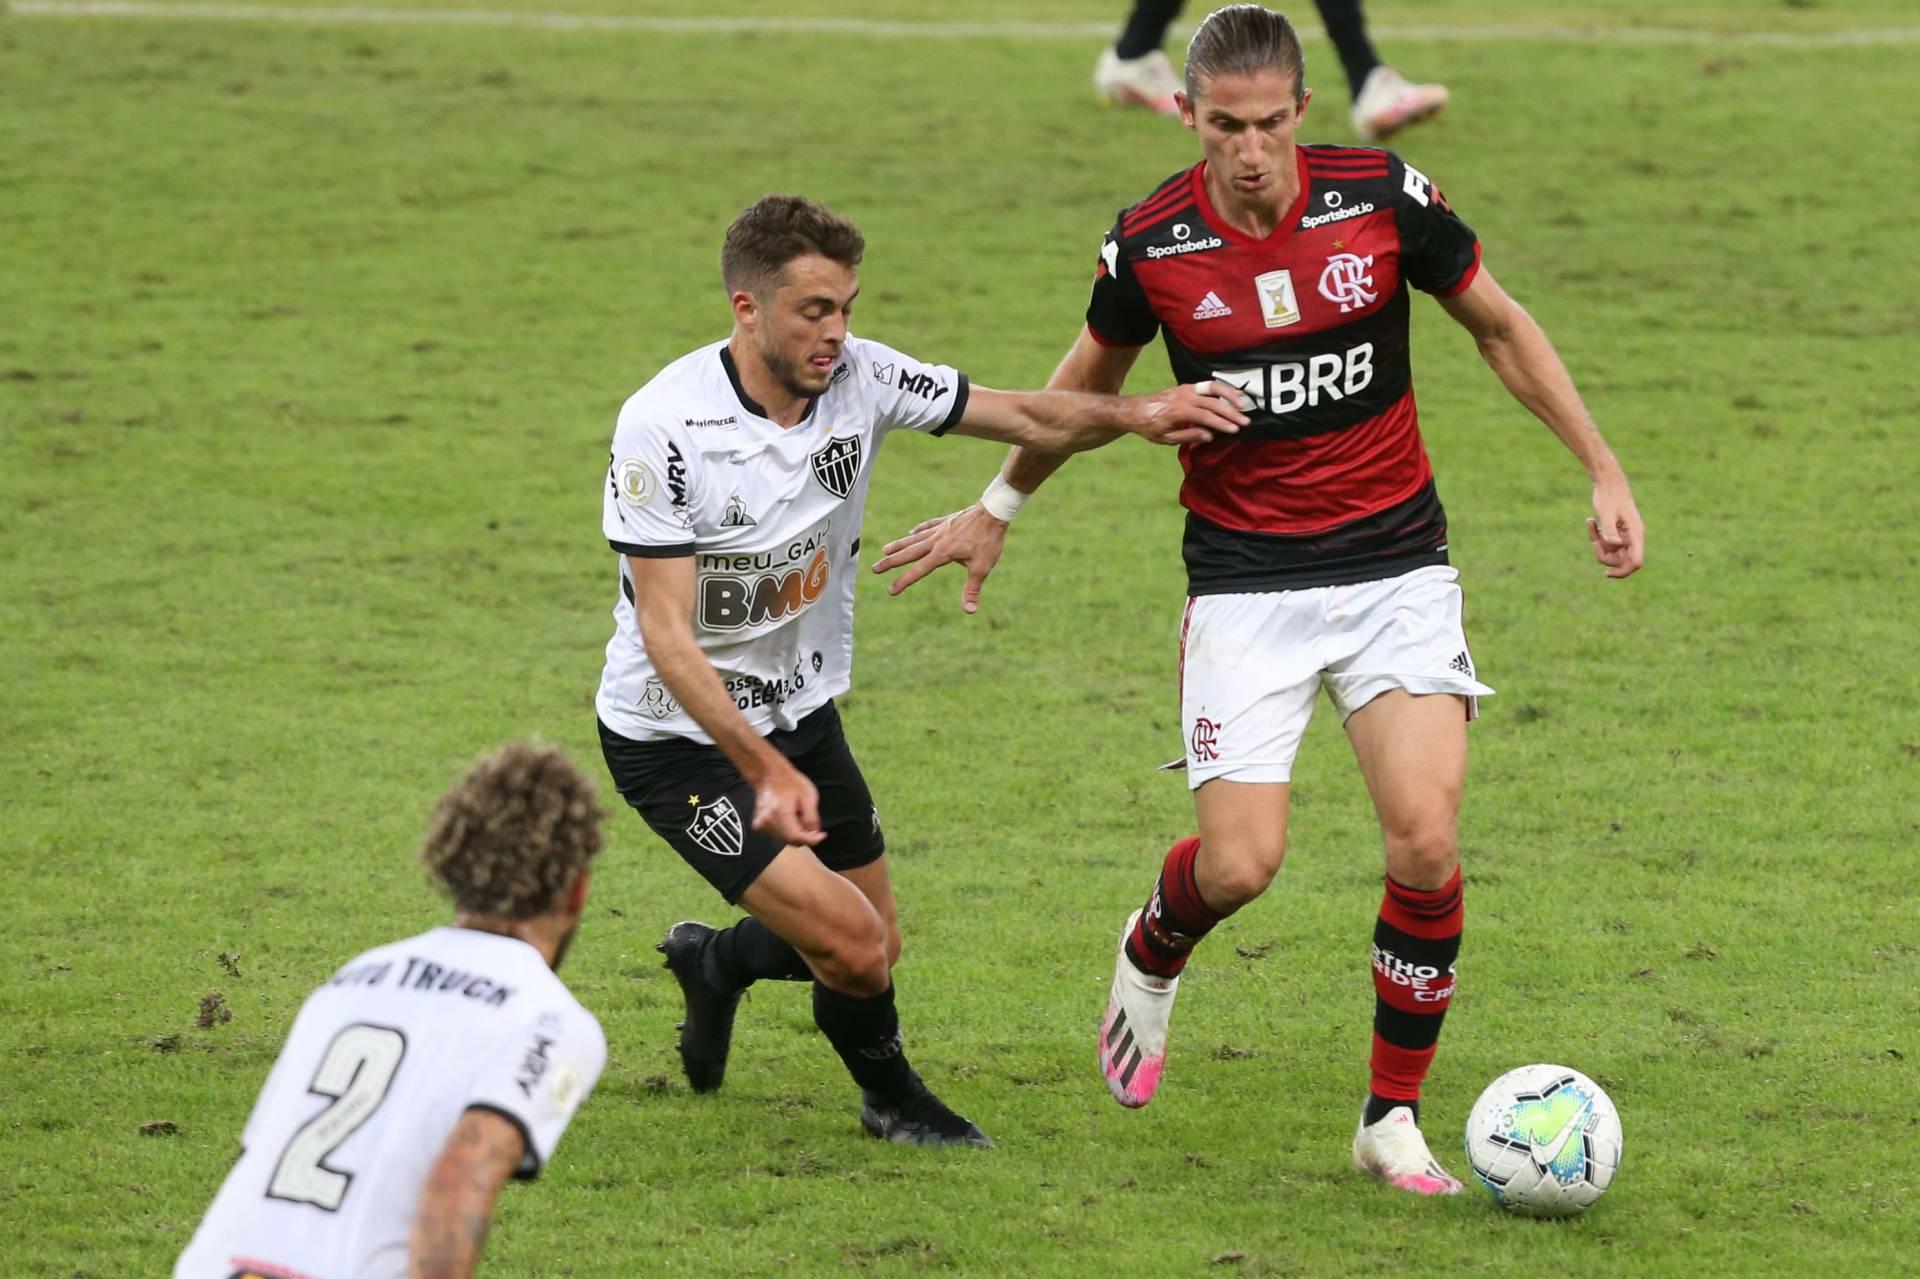 Jornalista diz que Flamengo é 'fogo de palha': 'Atlético ...